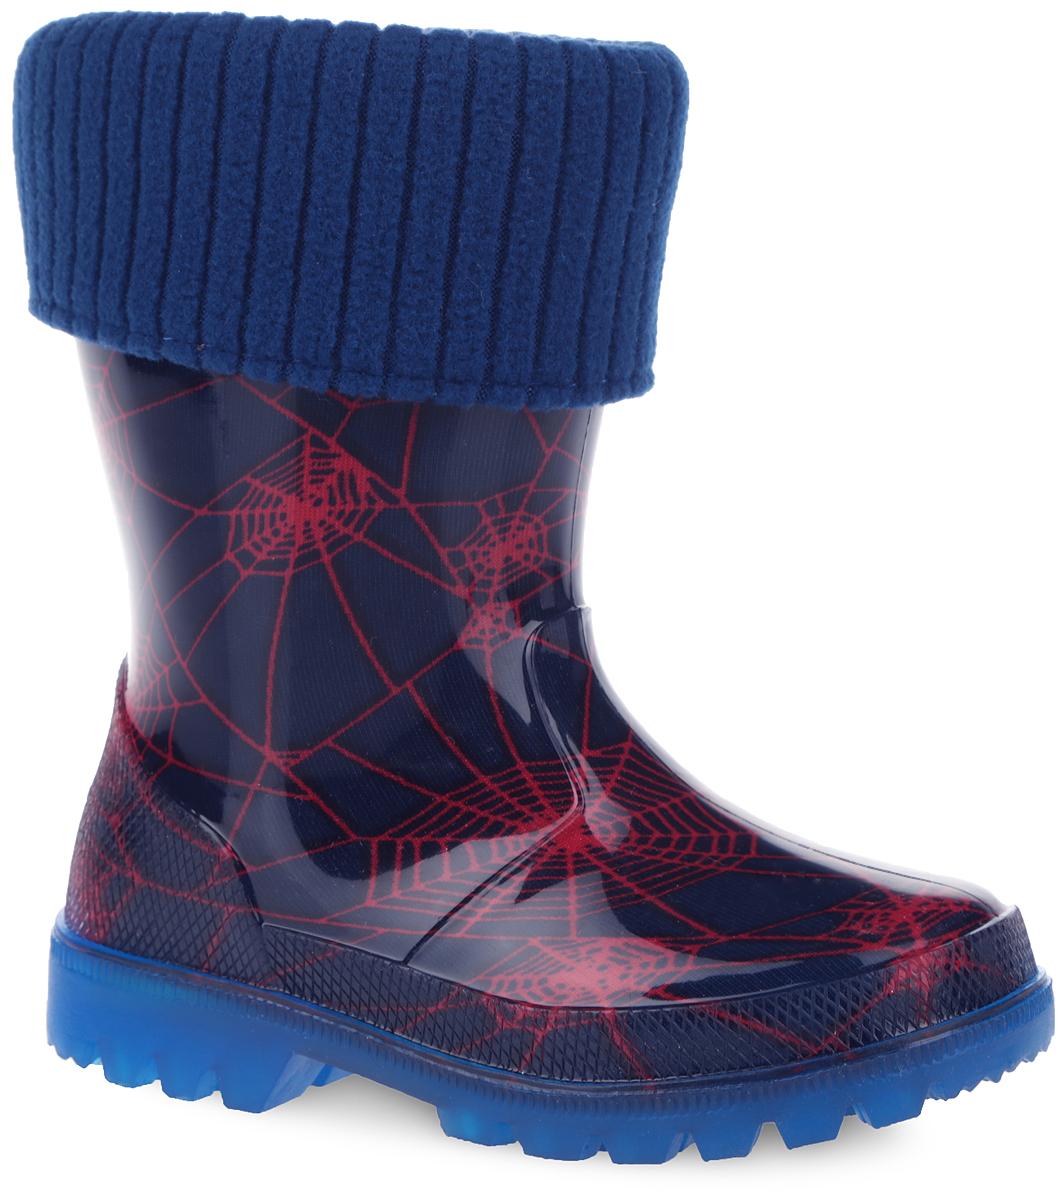 Сапоги резиновые для девочки. 690т690тРезиновые сапоги от Kapika превосходно защитят ноги вашей девочки от промокания в дождливый день. Модель выполнена из ПВХ и оформлена оригинальным принтом паутина. Мягкий вынимающийся сапожок из утепленного текстильного материала - хлопка (80%) не даст ногам замерзнуть и обеспечит уют. Рельефная поверхность подошвы гарантирует отличное сцепление с любой поверхностью. При движении подошва начинает светиться, благодаря чему ваш ребенок будет на виду даже в темное время суток. Резиновые сапоги - идеальная обувь в дождливую погоду.